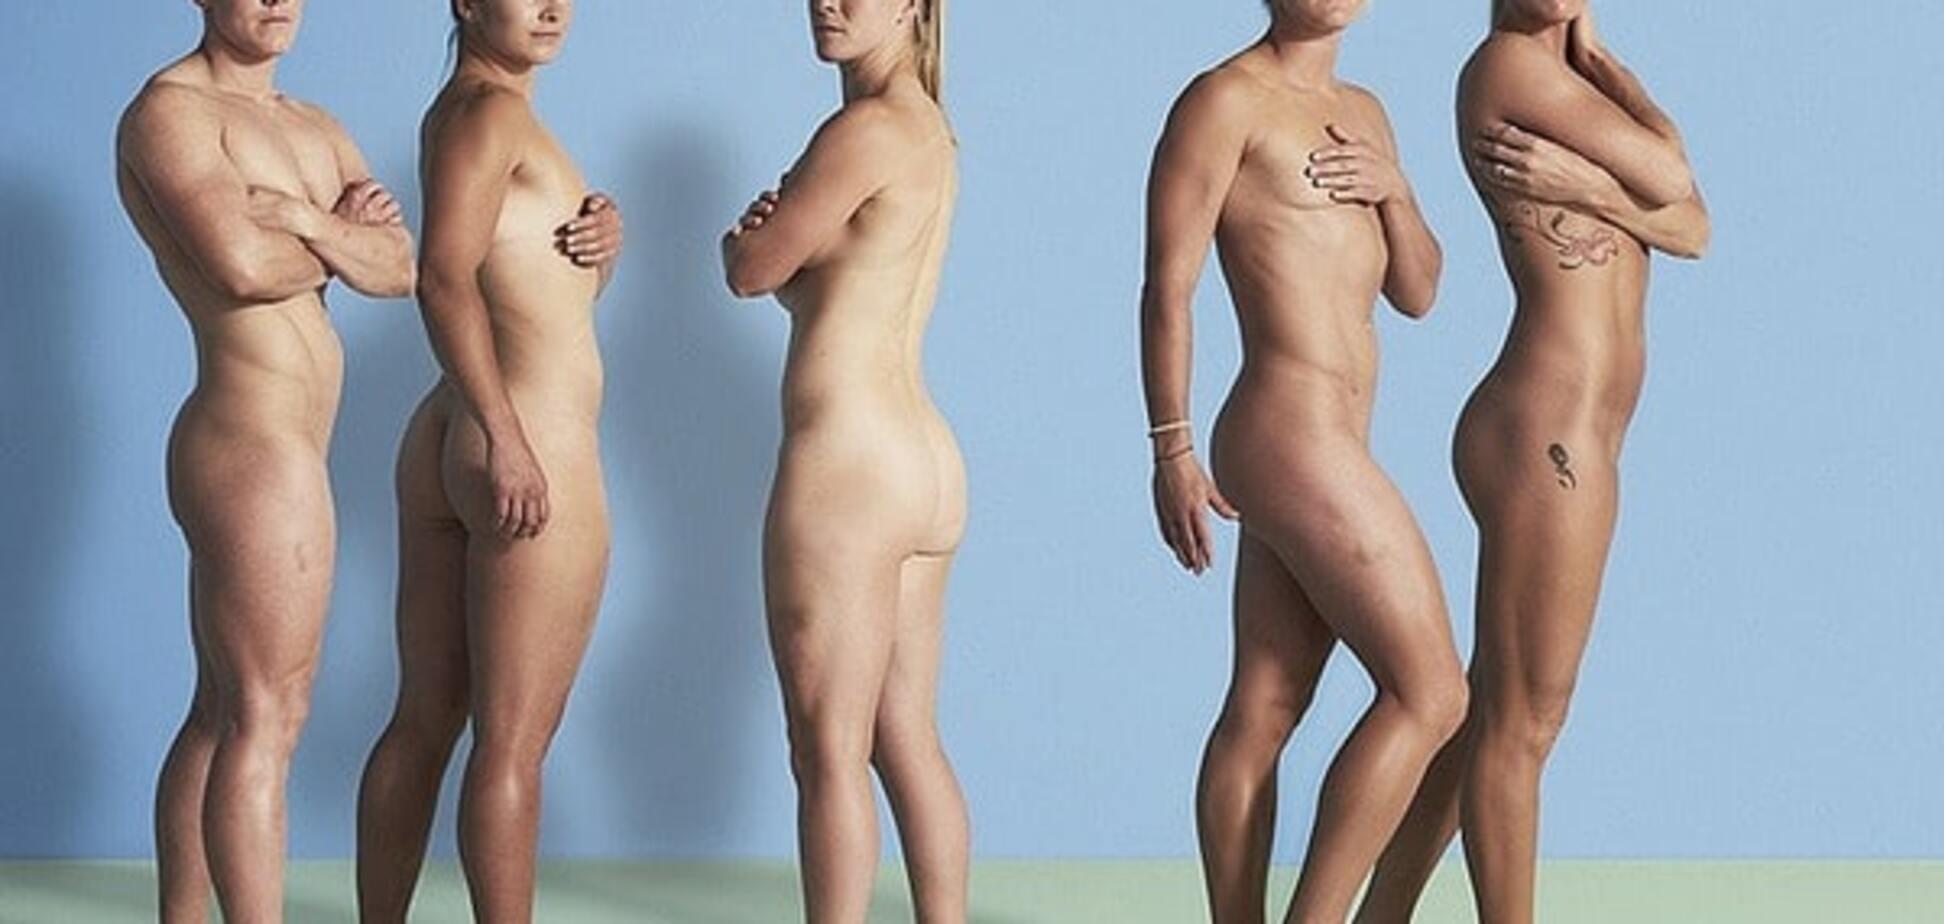 Английские регбистки полностью разделись, чтобы подбодрить спортсменок на Олимпиаде: фотофакт